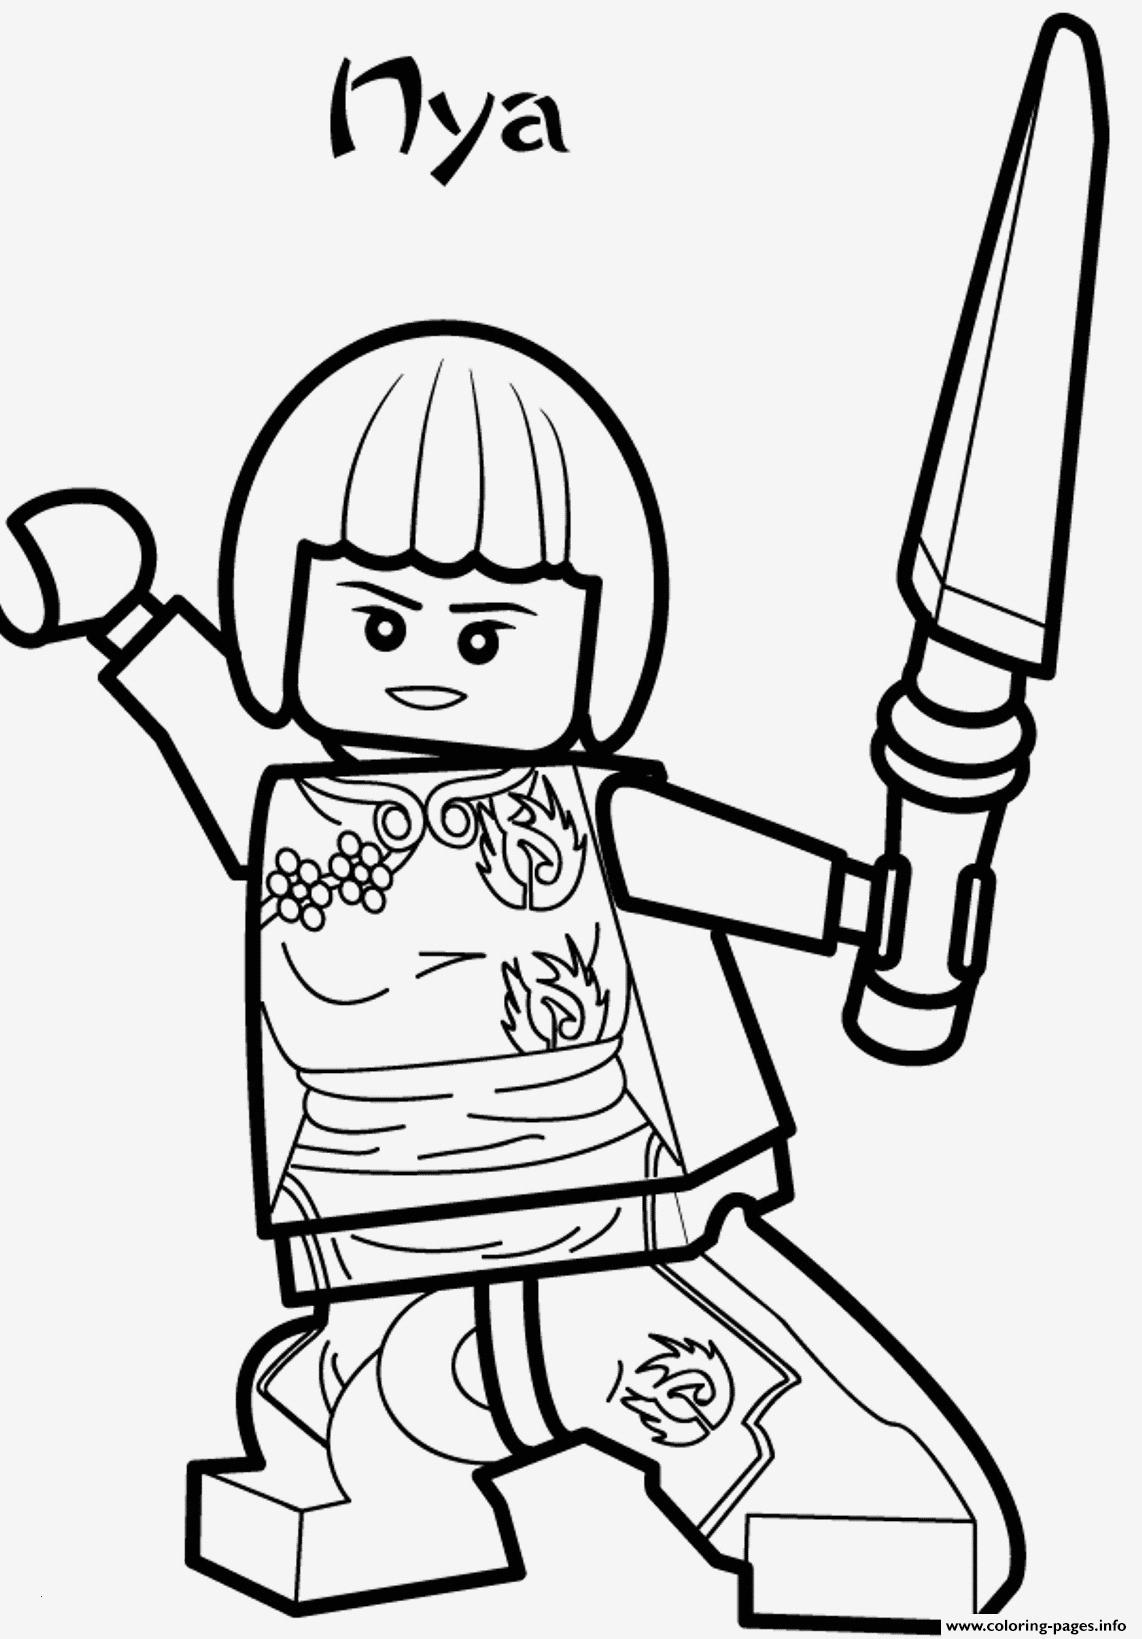 Lego Ninjago Malvorlagen Frisch Lego Ninjago Ausmalbild Bilder Zum Ausmalen Bekommen Ninjago Jay Fotos